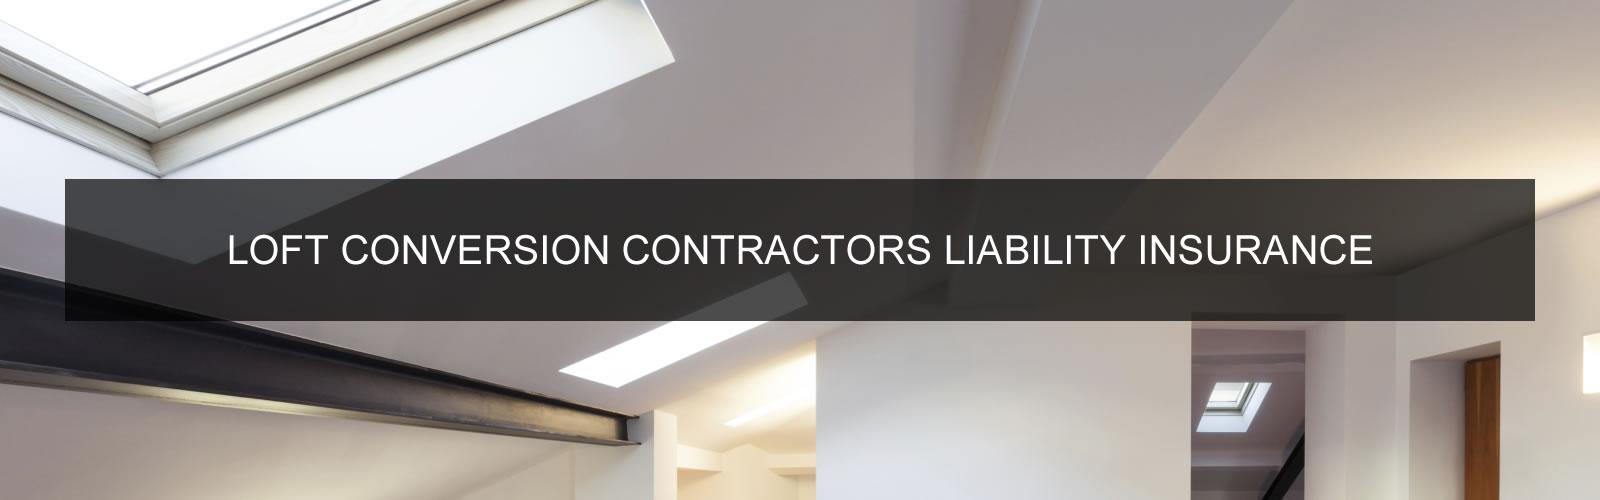 Loft Conversion Contractors Liability Insurance